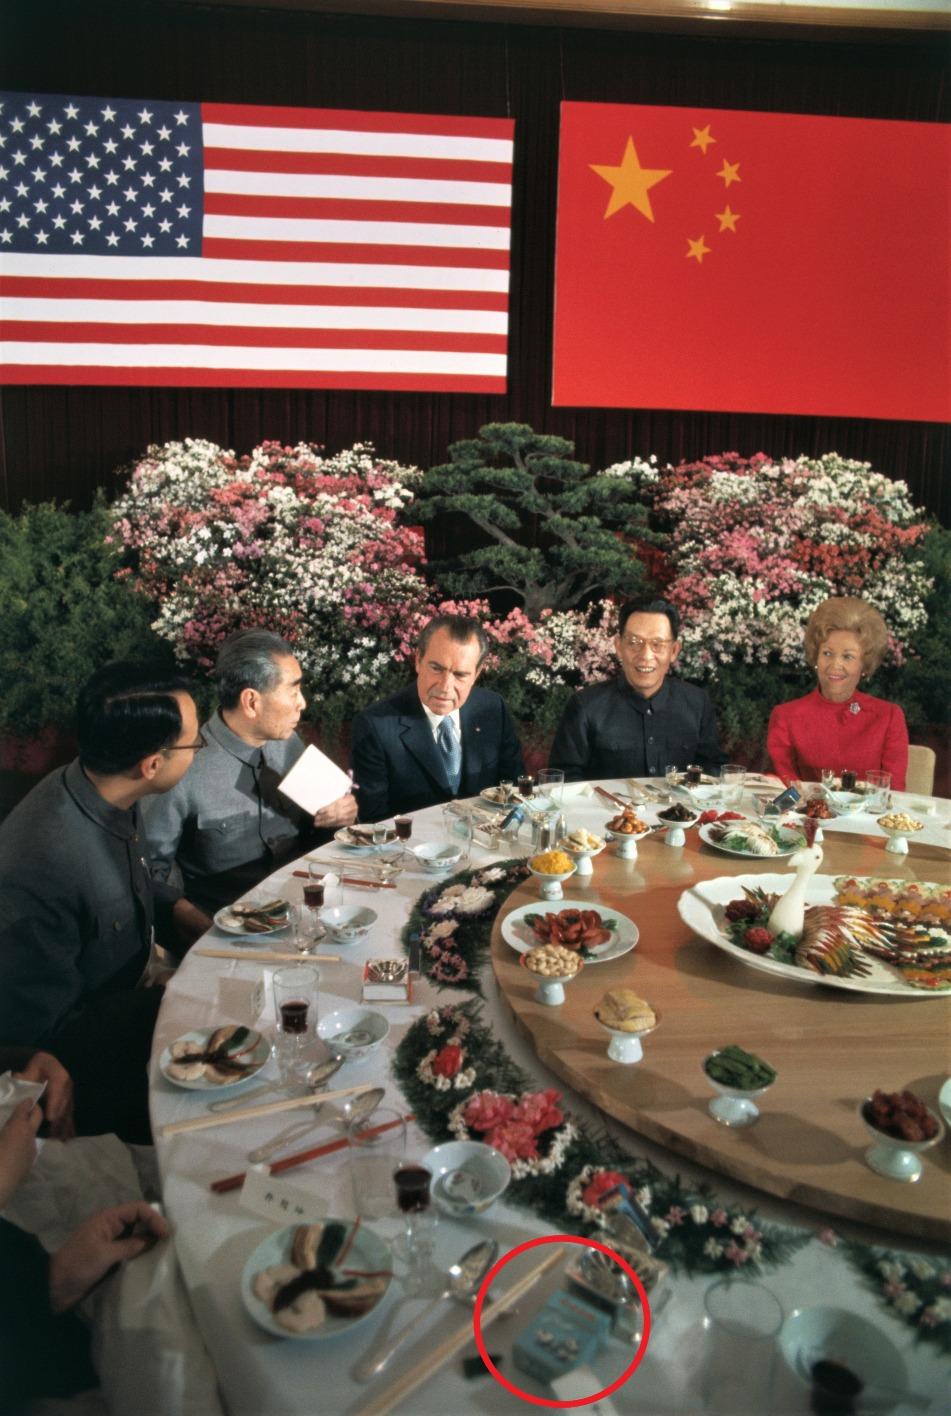 周恩來在尼克遜離開中國前,以餐桌上的熊貓香煙向尼克遜夫婦表示,將贈送兩頭國寶熊貓予美國。圖片所見,在他們的飯局上確有熊貓香煙的出現。(圖片來源:Getty)